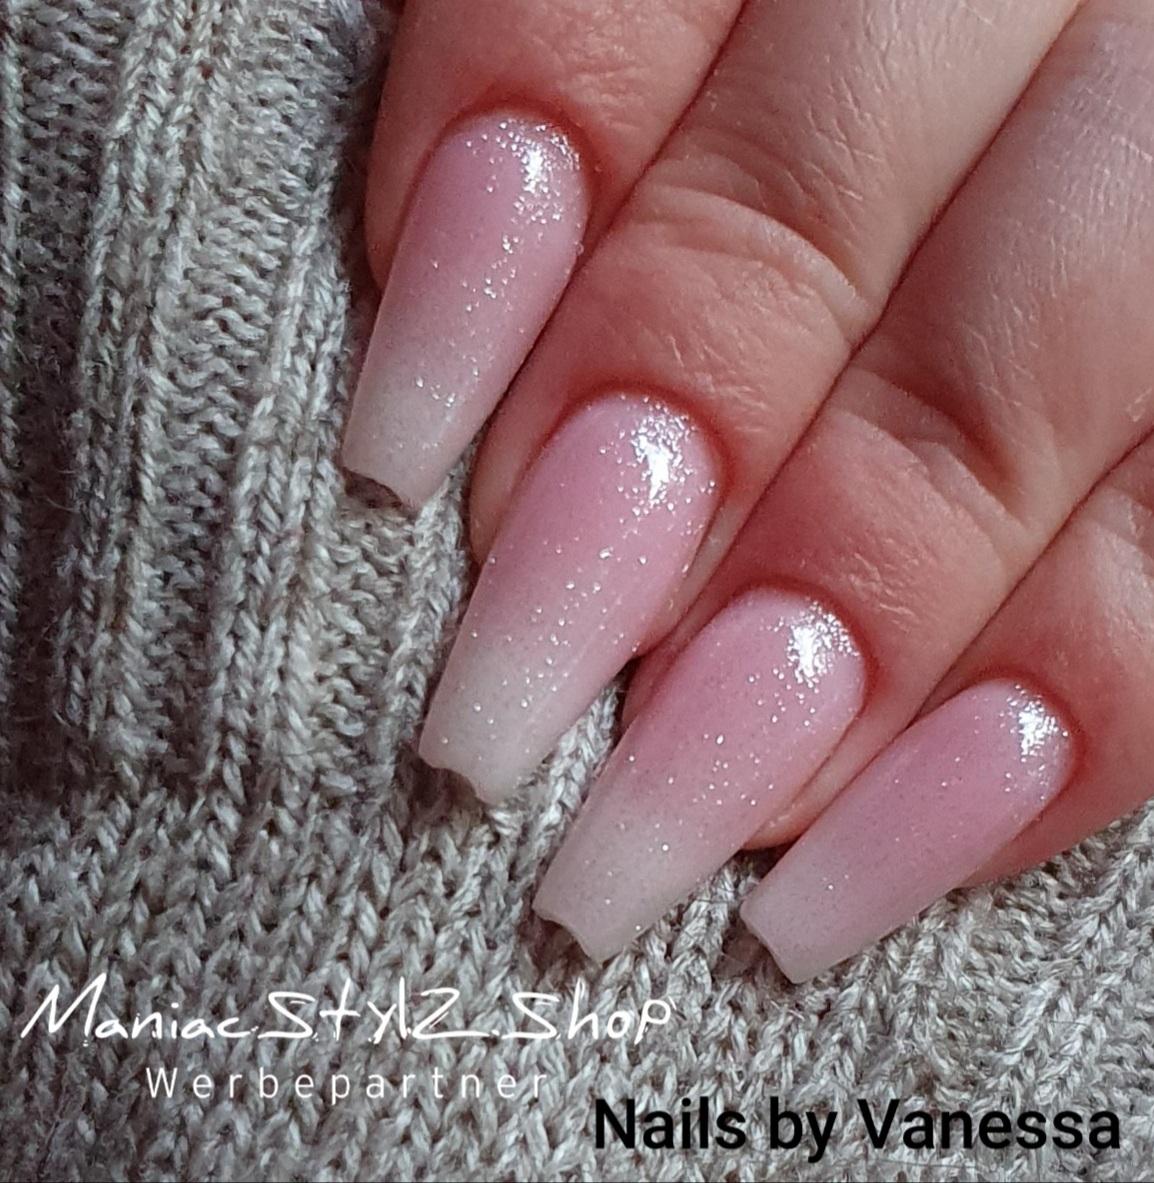 nagel design - maniac stylz 22